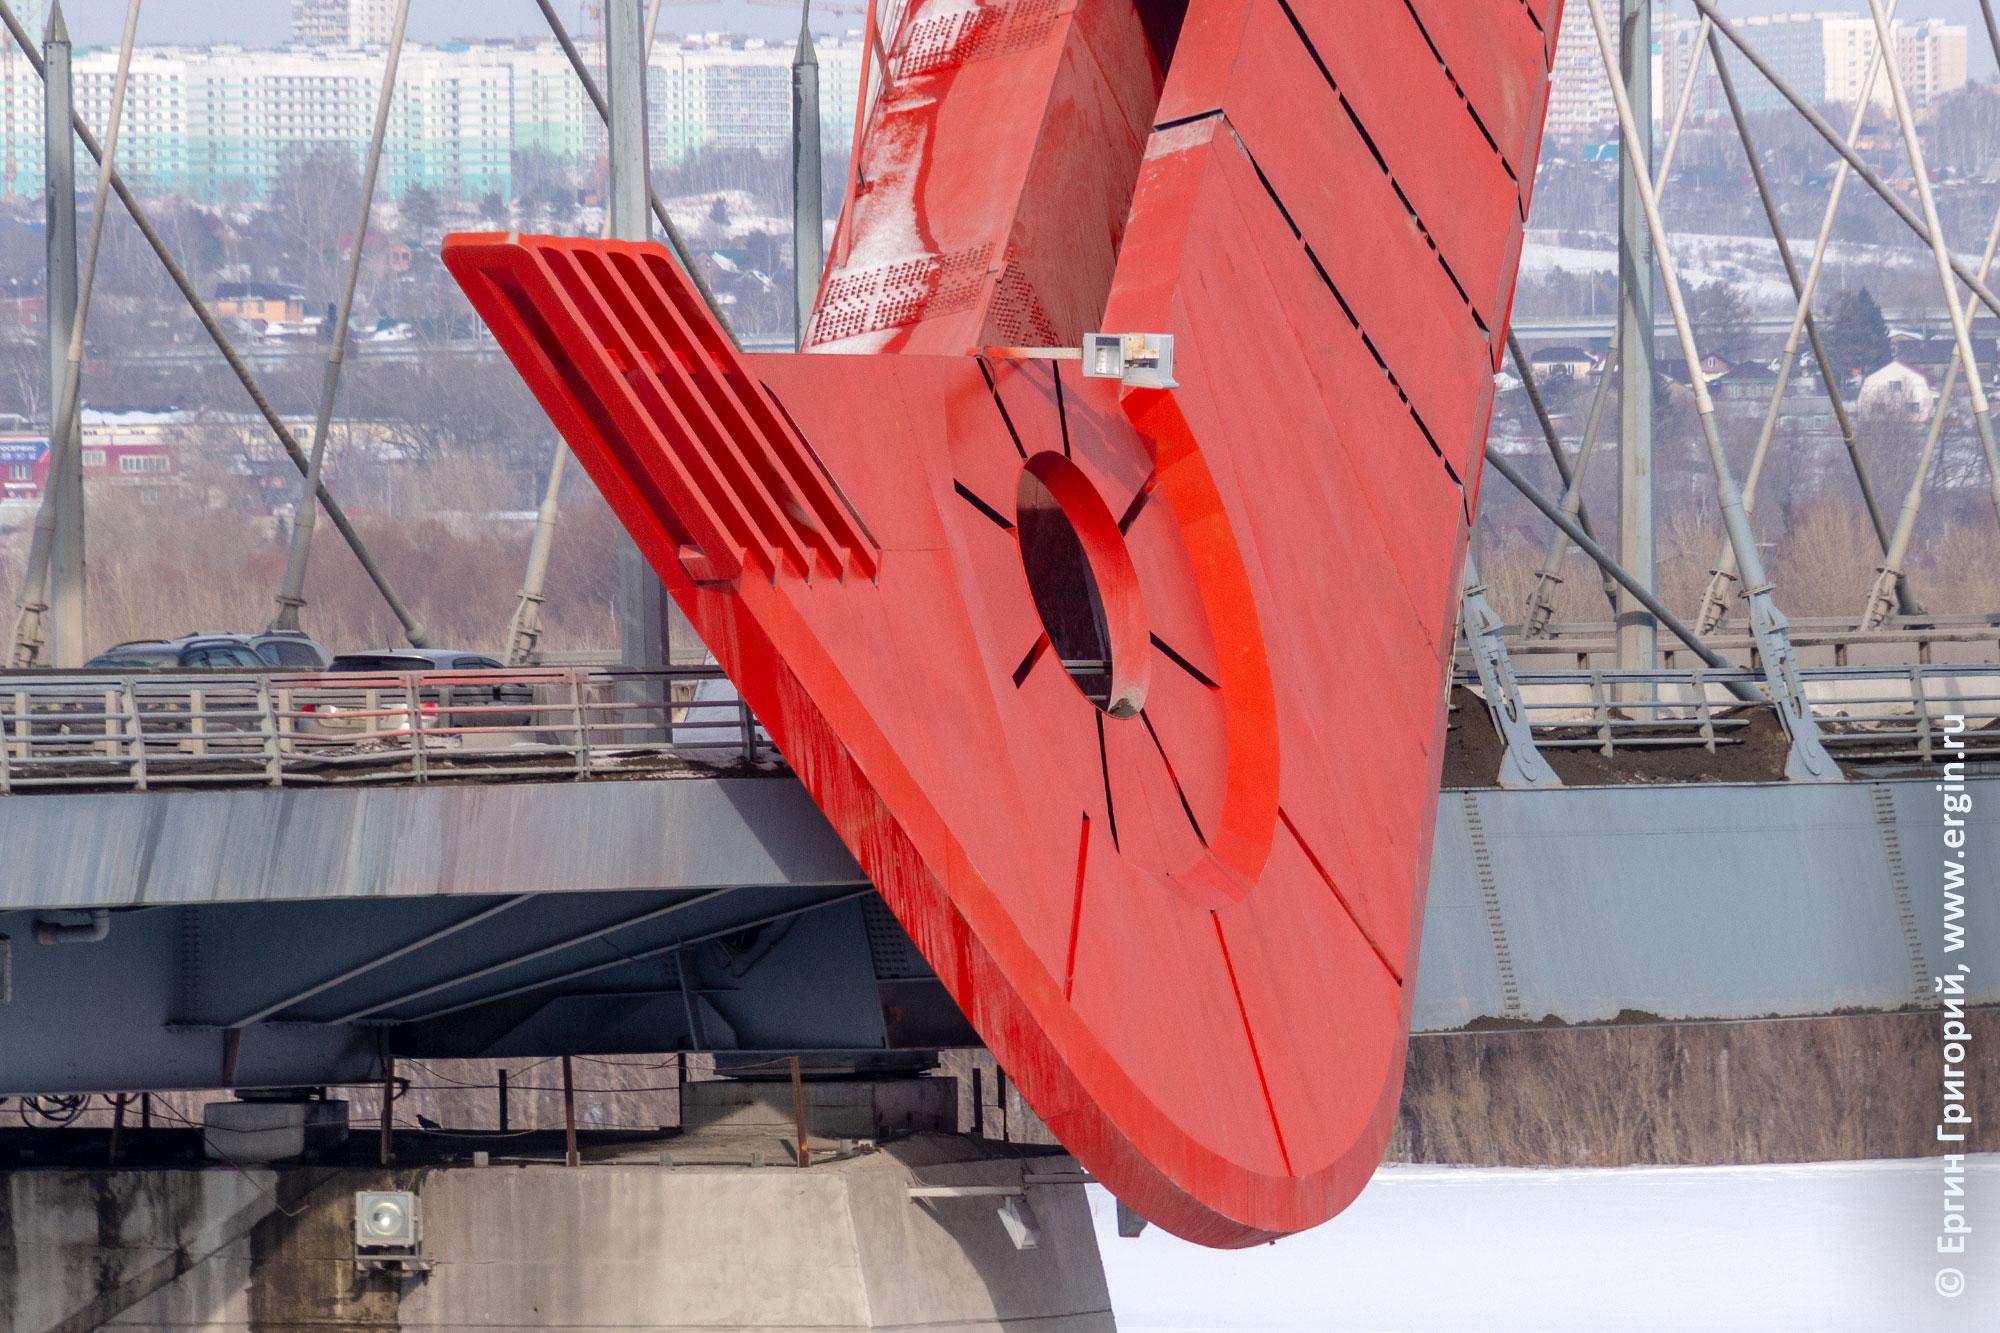 Завиток арки пролета Бугринского моста